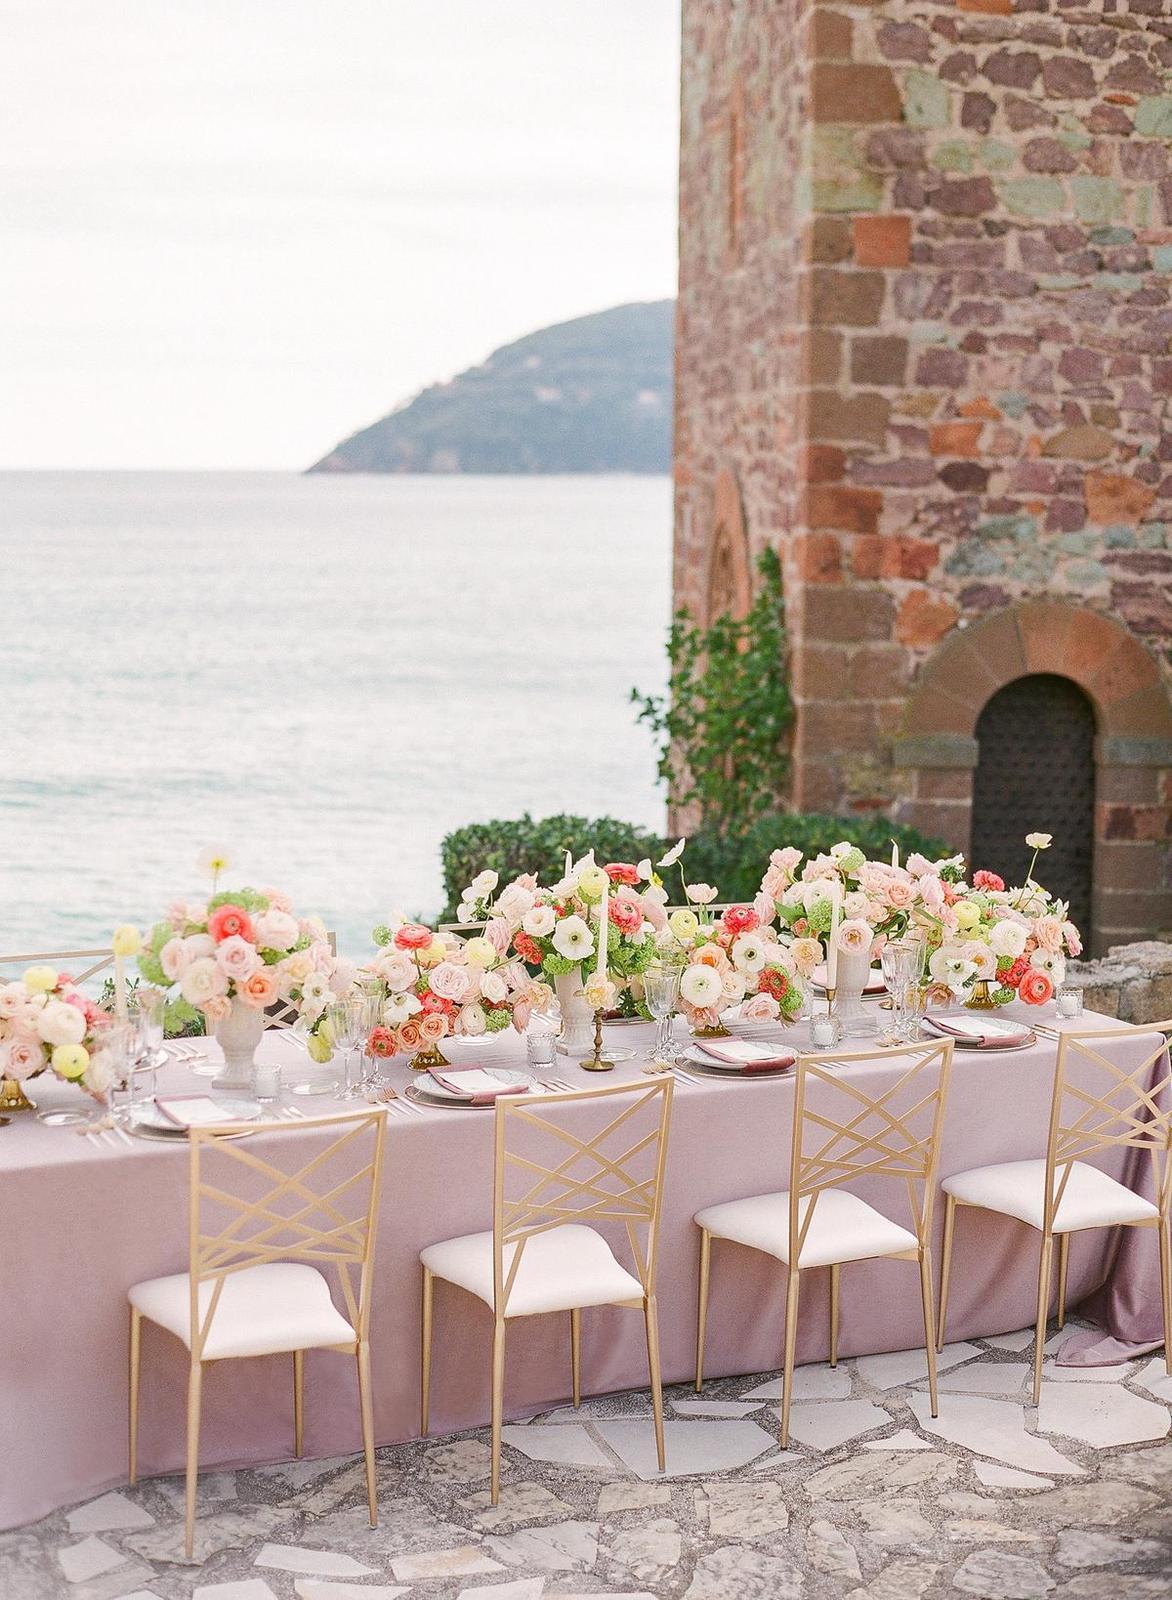 Inšpirácie na svadobné stolovovanie - Obrázok č. 12